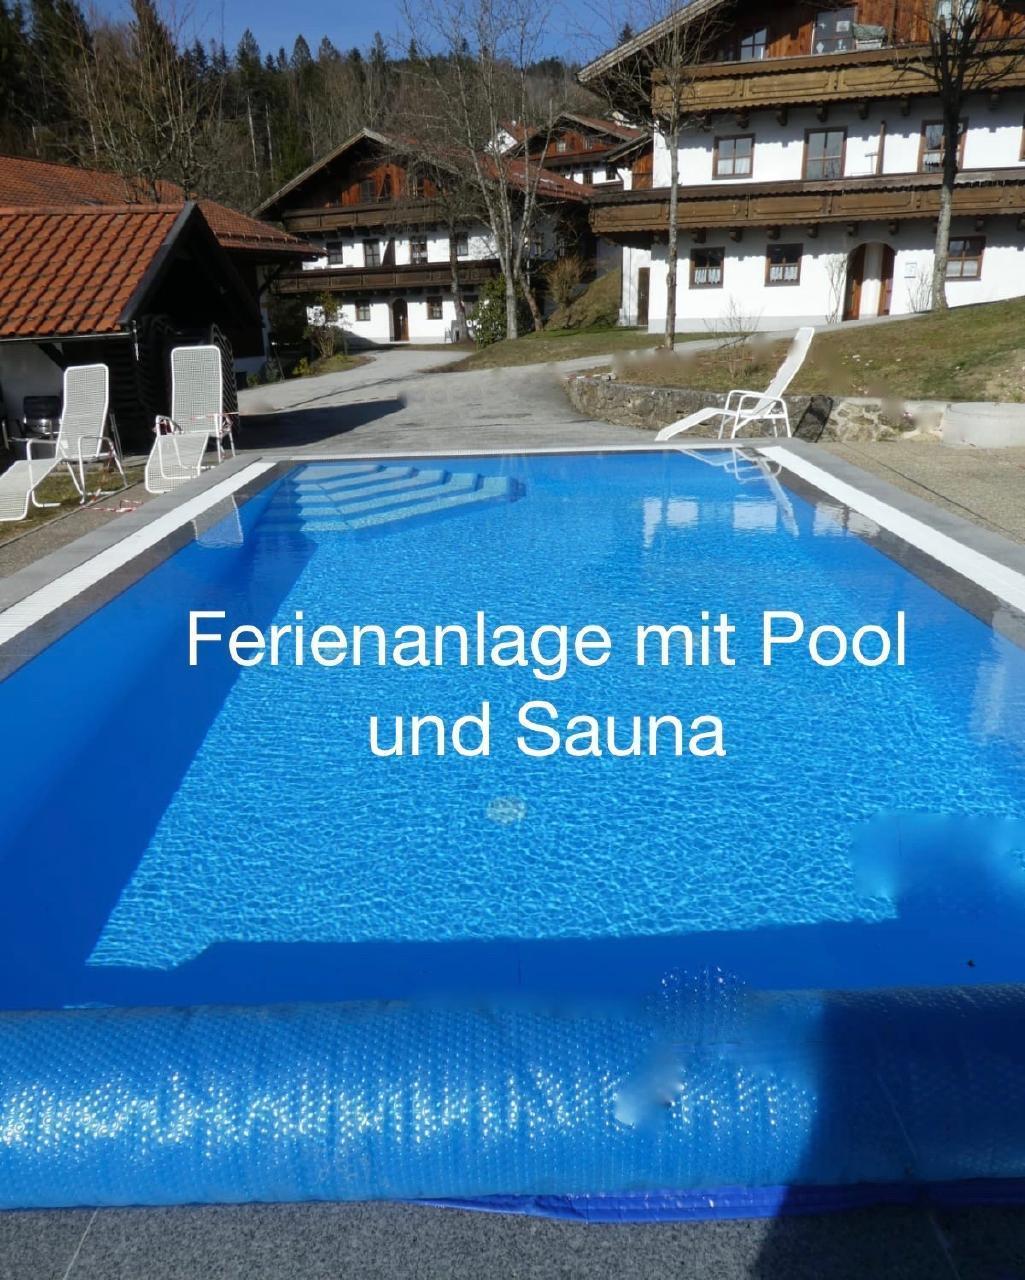 Ferienwohnung Große Ferienwohnung mit Pool, Schwimmbad und Sauna (1150916), Hauzenberg, Bayerischer Wald, Bayern, Deutschland, Bild 1